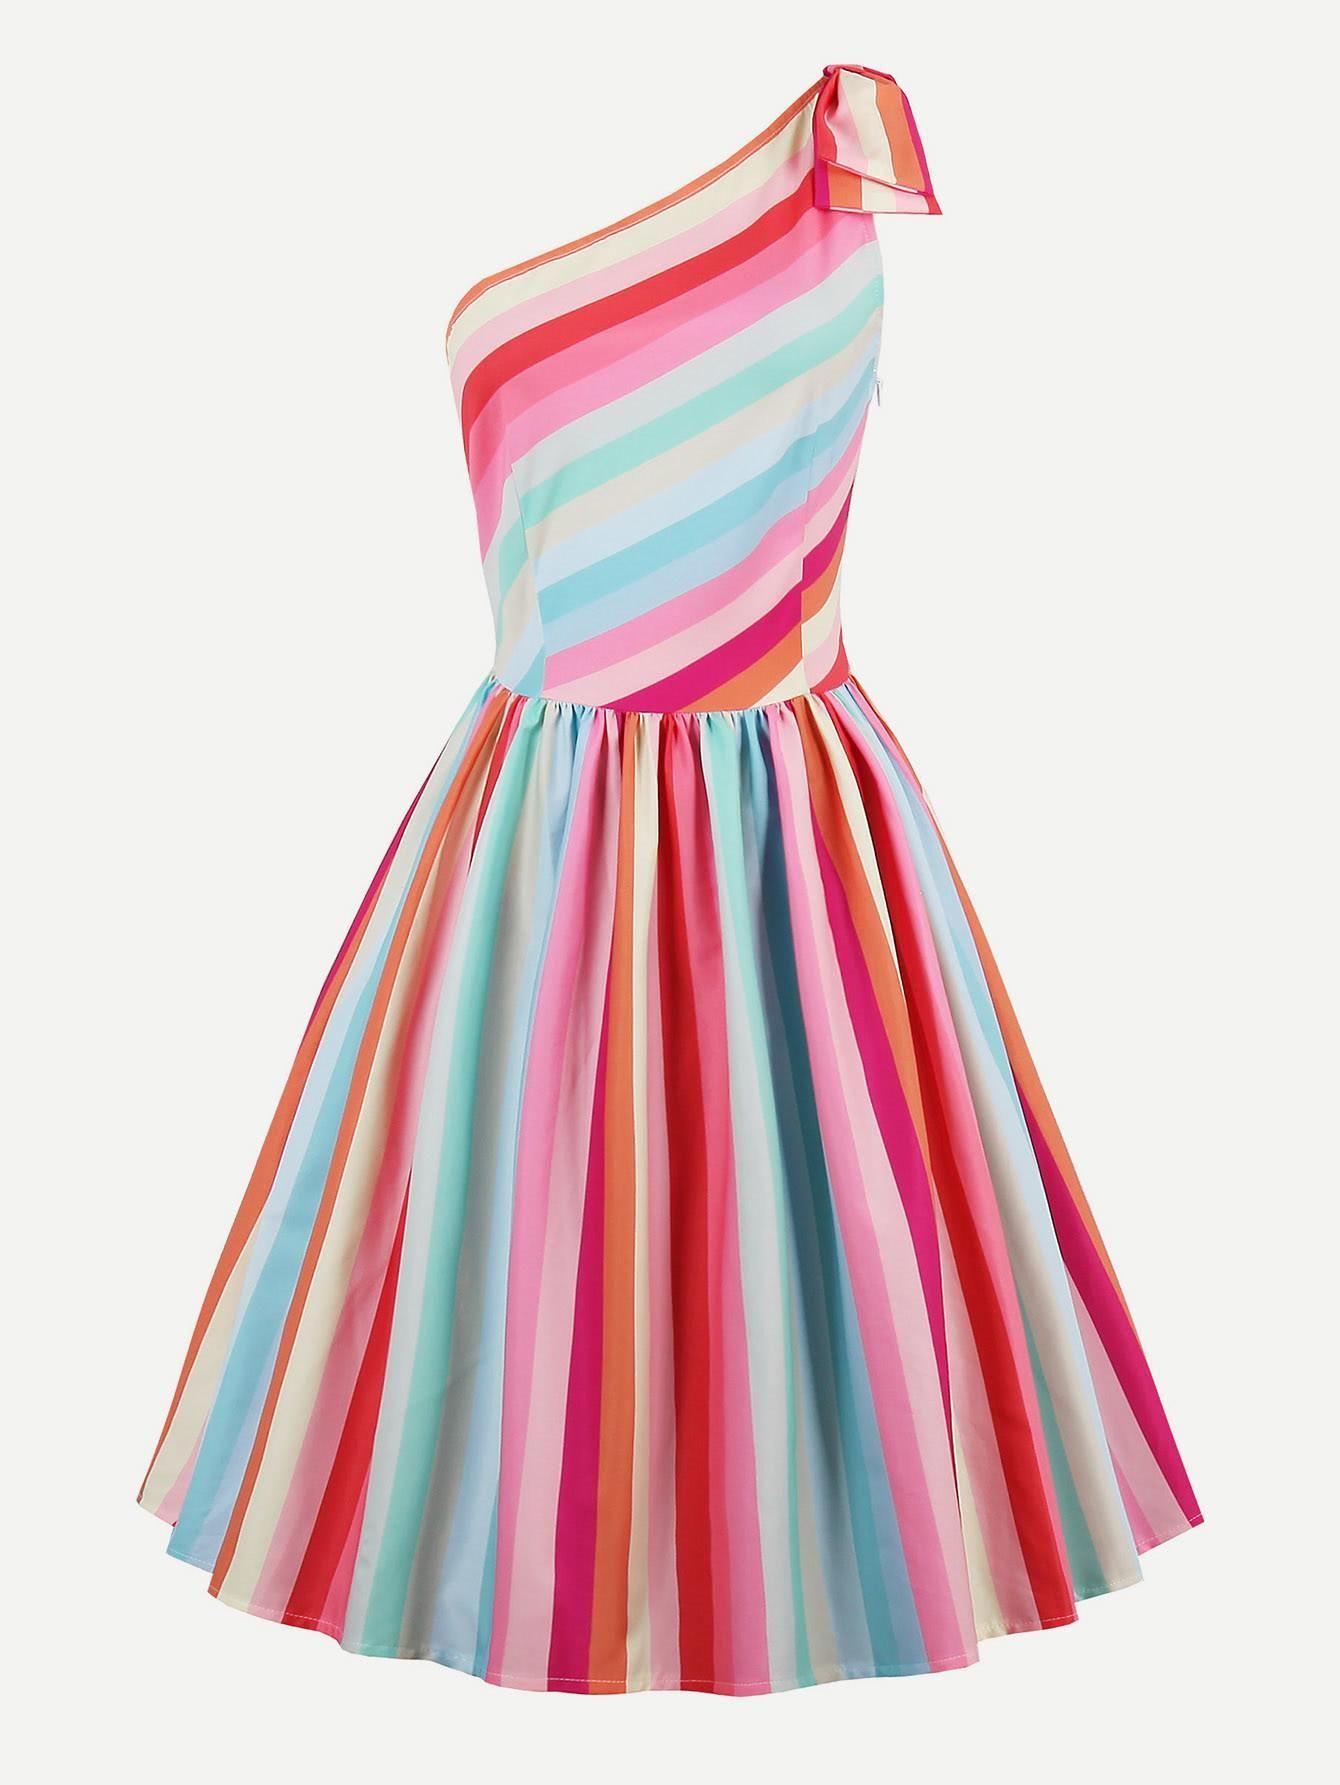 a8036dc6fa763 SheIn - SheIn Rainbow Stripe Oblique Shoulder Circle Dress - AdoreWe.com